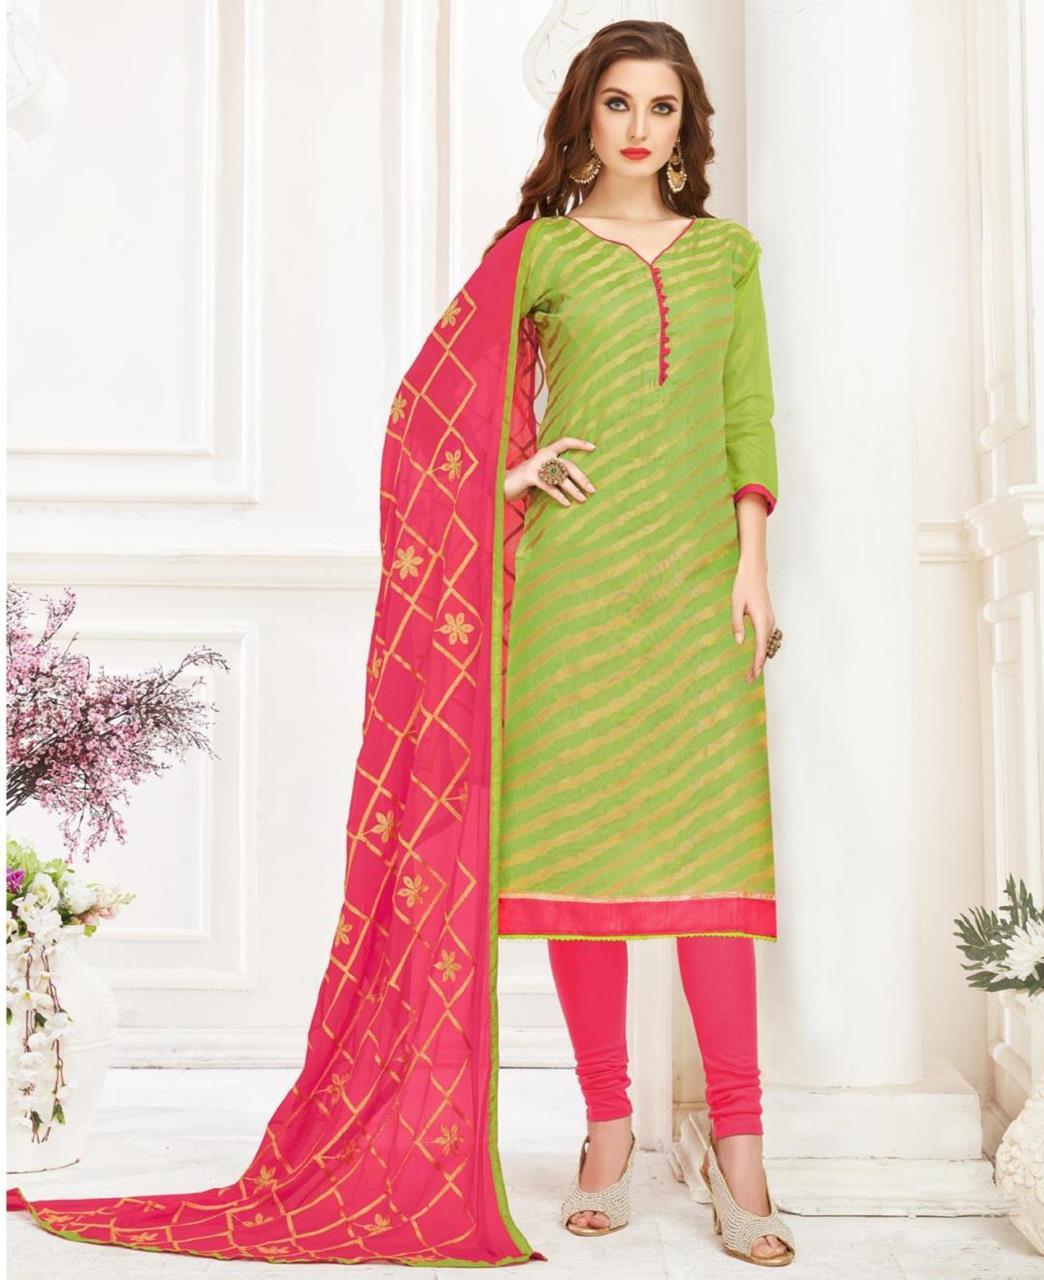 Embroidered Banarasi Silk LimeGreen Straight Cut Salwar